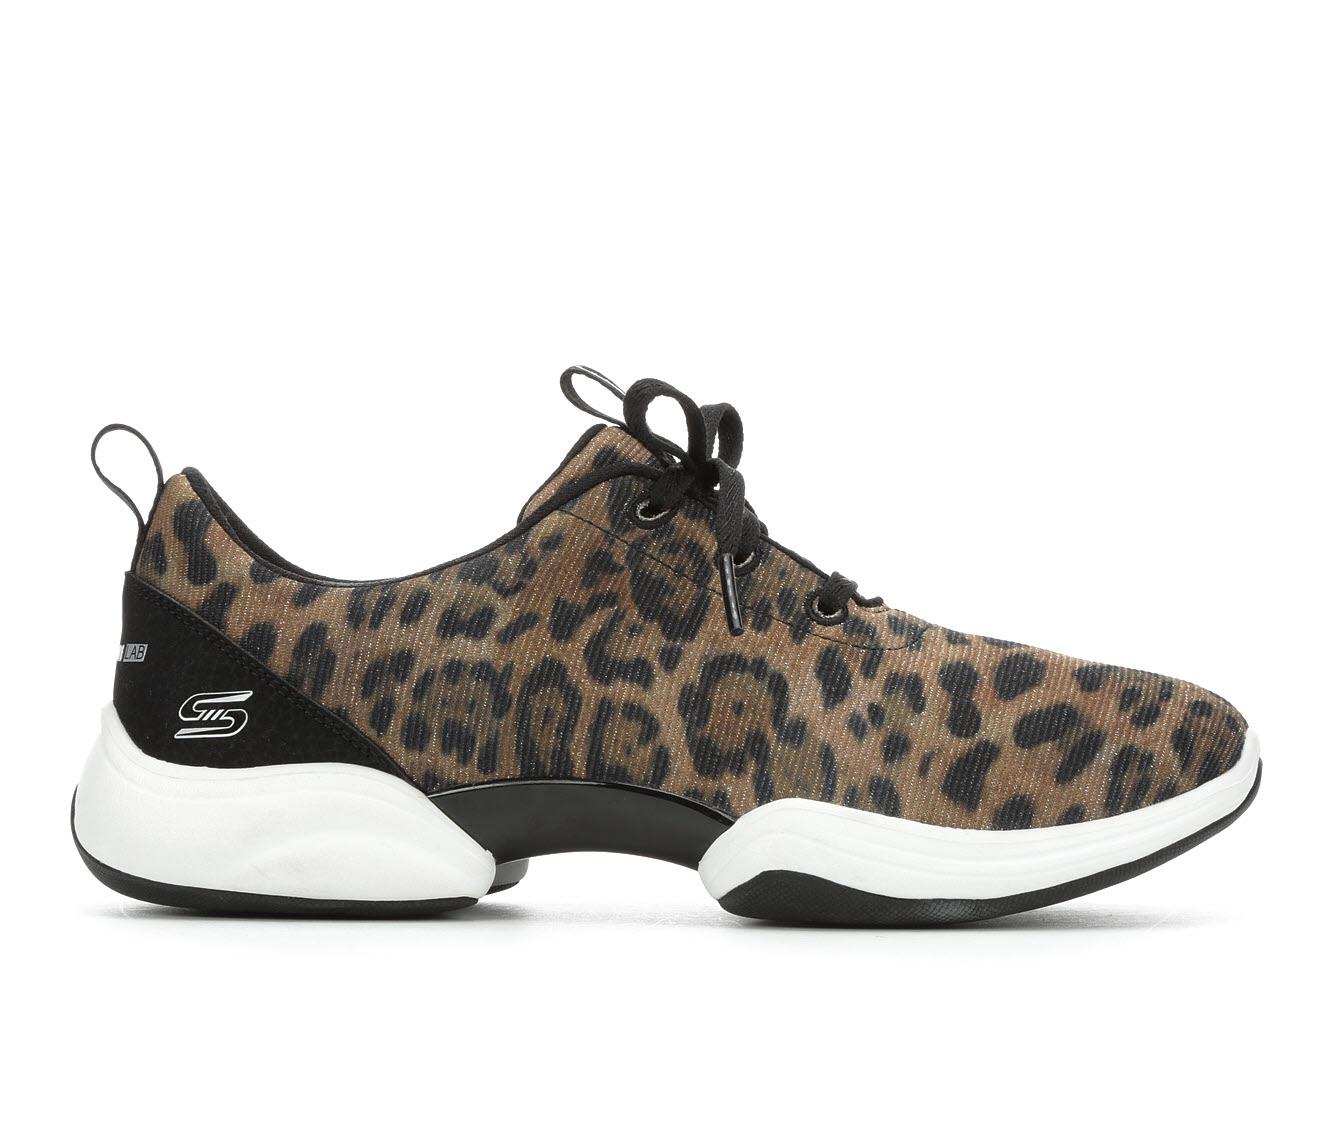 Skechers Skech-Lab 23385 Women's Shoe (Brown Canvas)